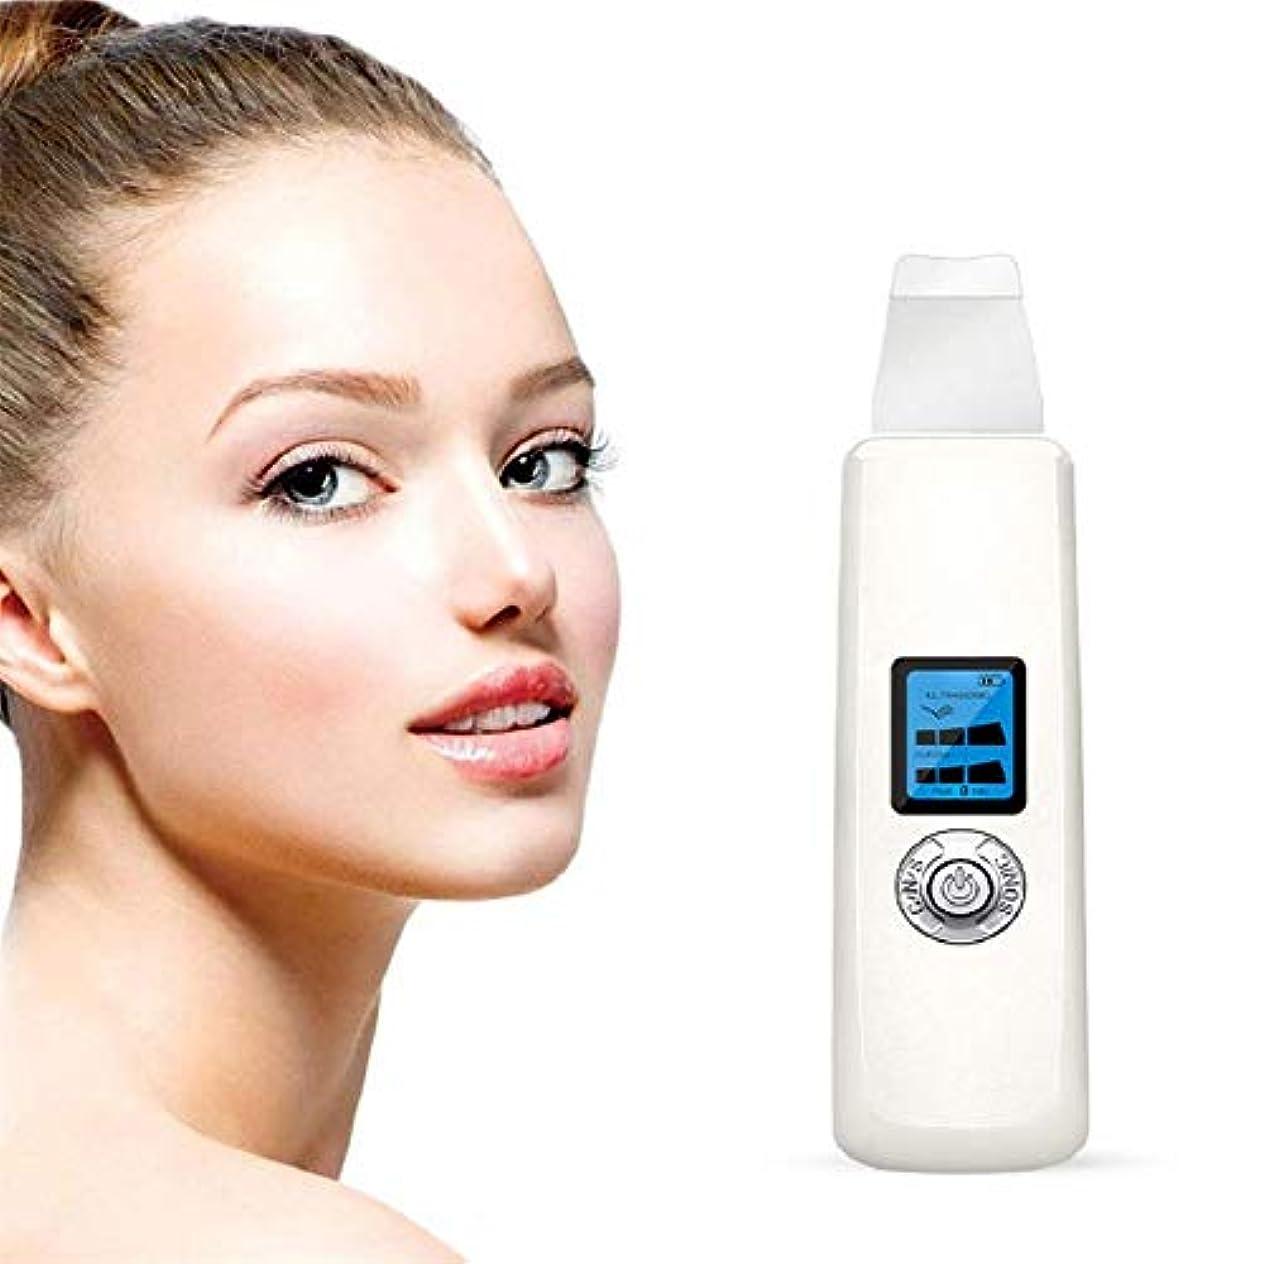 兵器庫メガロポリスブローハンドヘルド美容機器、美容機器フェイシャルスキンピールダーマブレーション、肌の若返り防止アンチエイジングデバイス肌へら